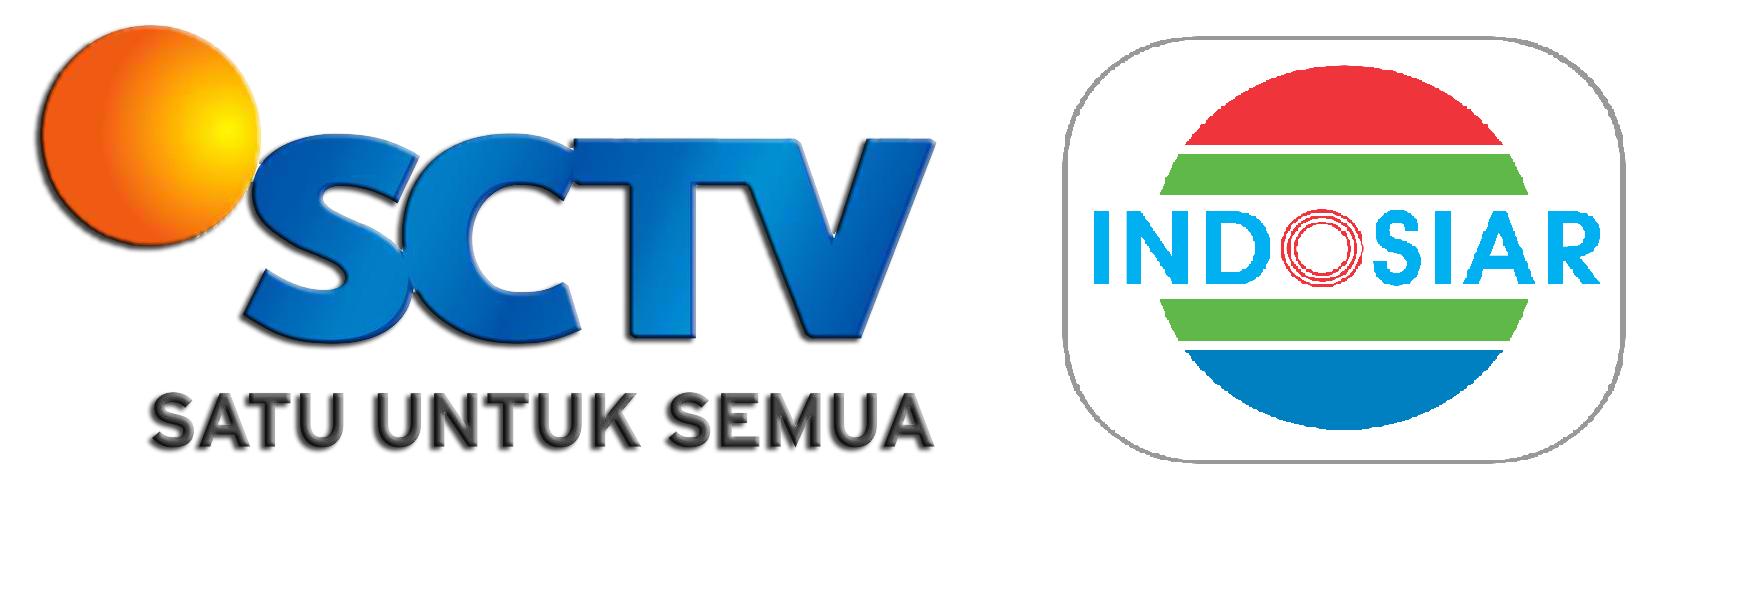 Lowongan pekerjaan di PT SCTV